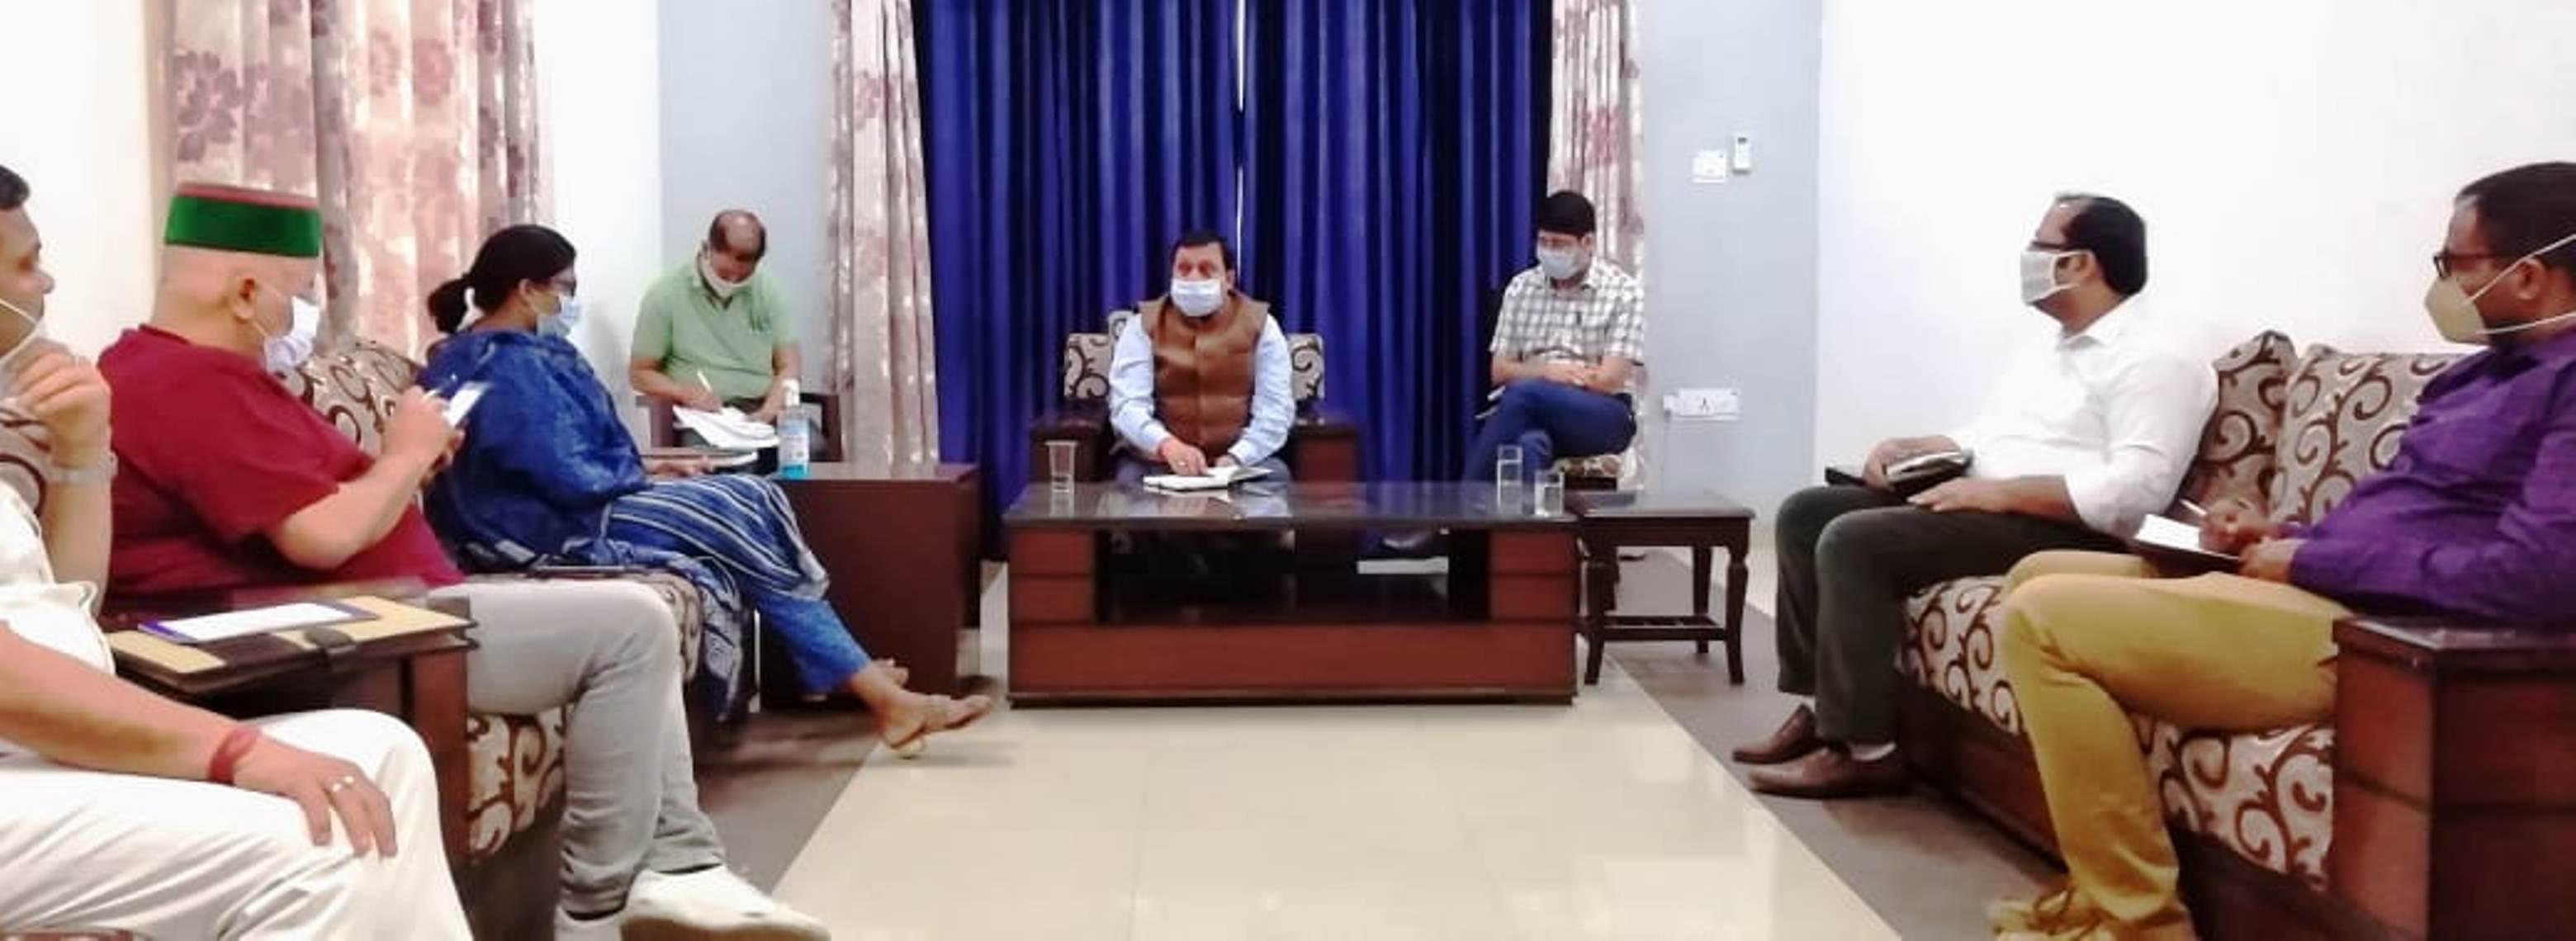 वीरेंद्र कंवर ने कुटलैहड़ के विकास परियोजनाओं पर की समीक्षा